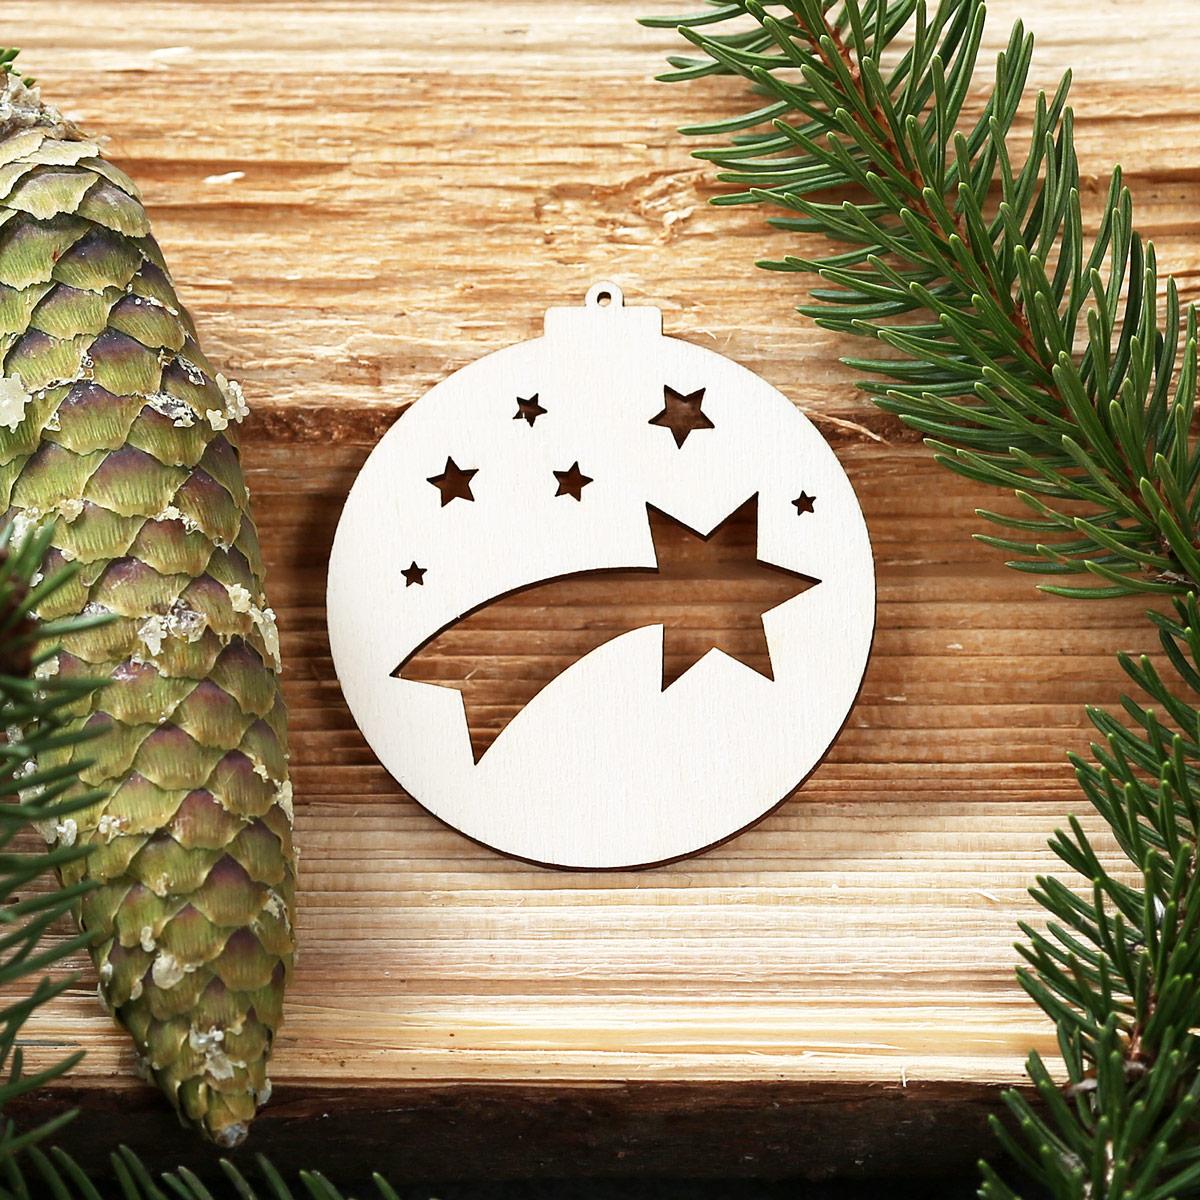 Erstaunlich Baumkugeln Mit Weihnachtsmotiven   Baumschmuck, Baumbehang   Deko Aus Holz  U2013 Bild 13